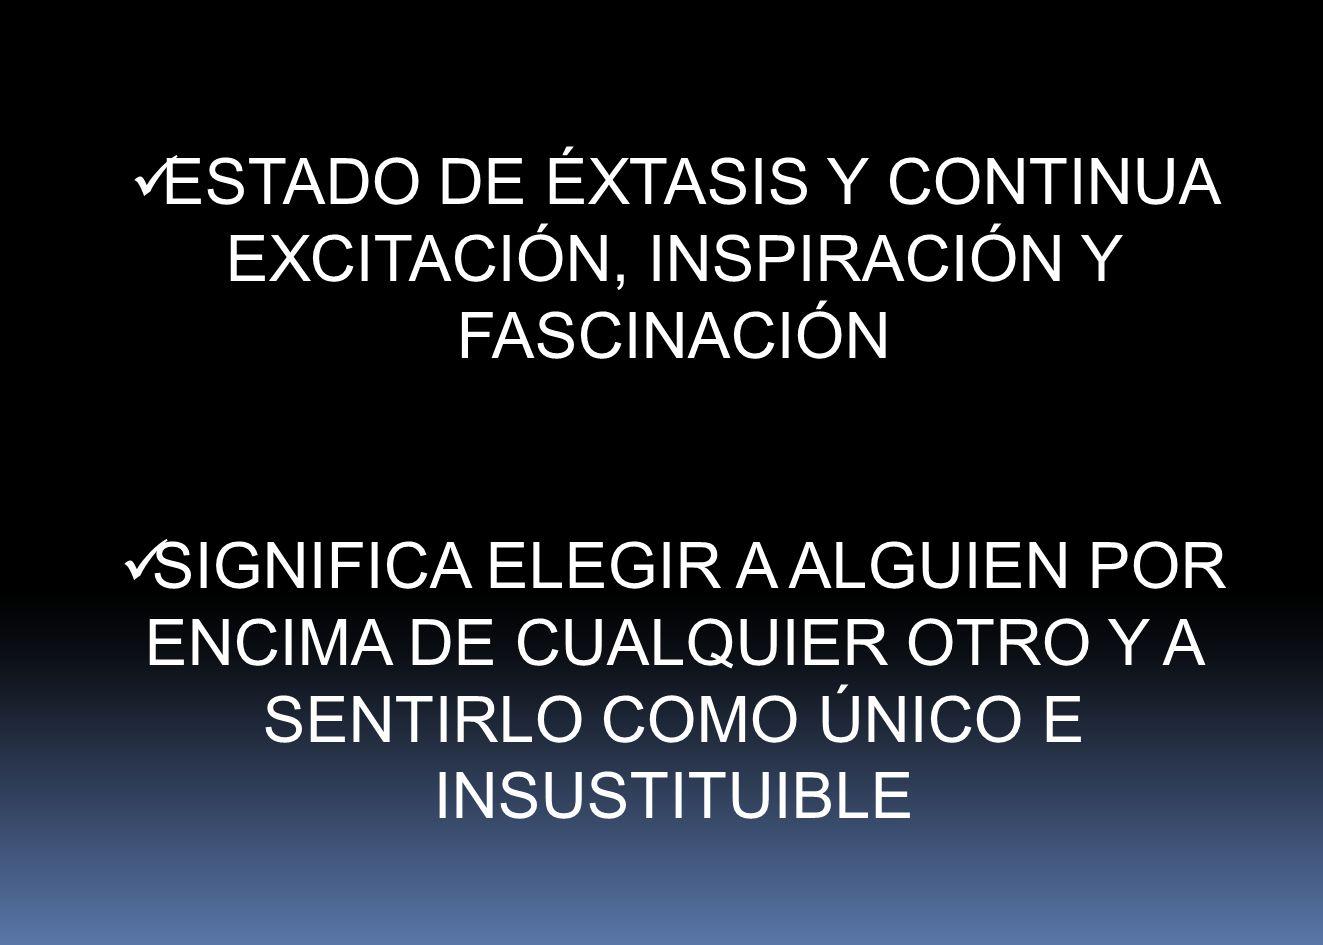 ESTADO DE ÉXTASIS Y CONTINUA EXCITACIÓN, INSPIRACIÓN Y FASCINACIÓN